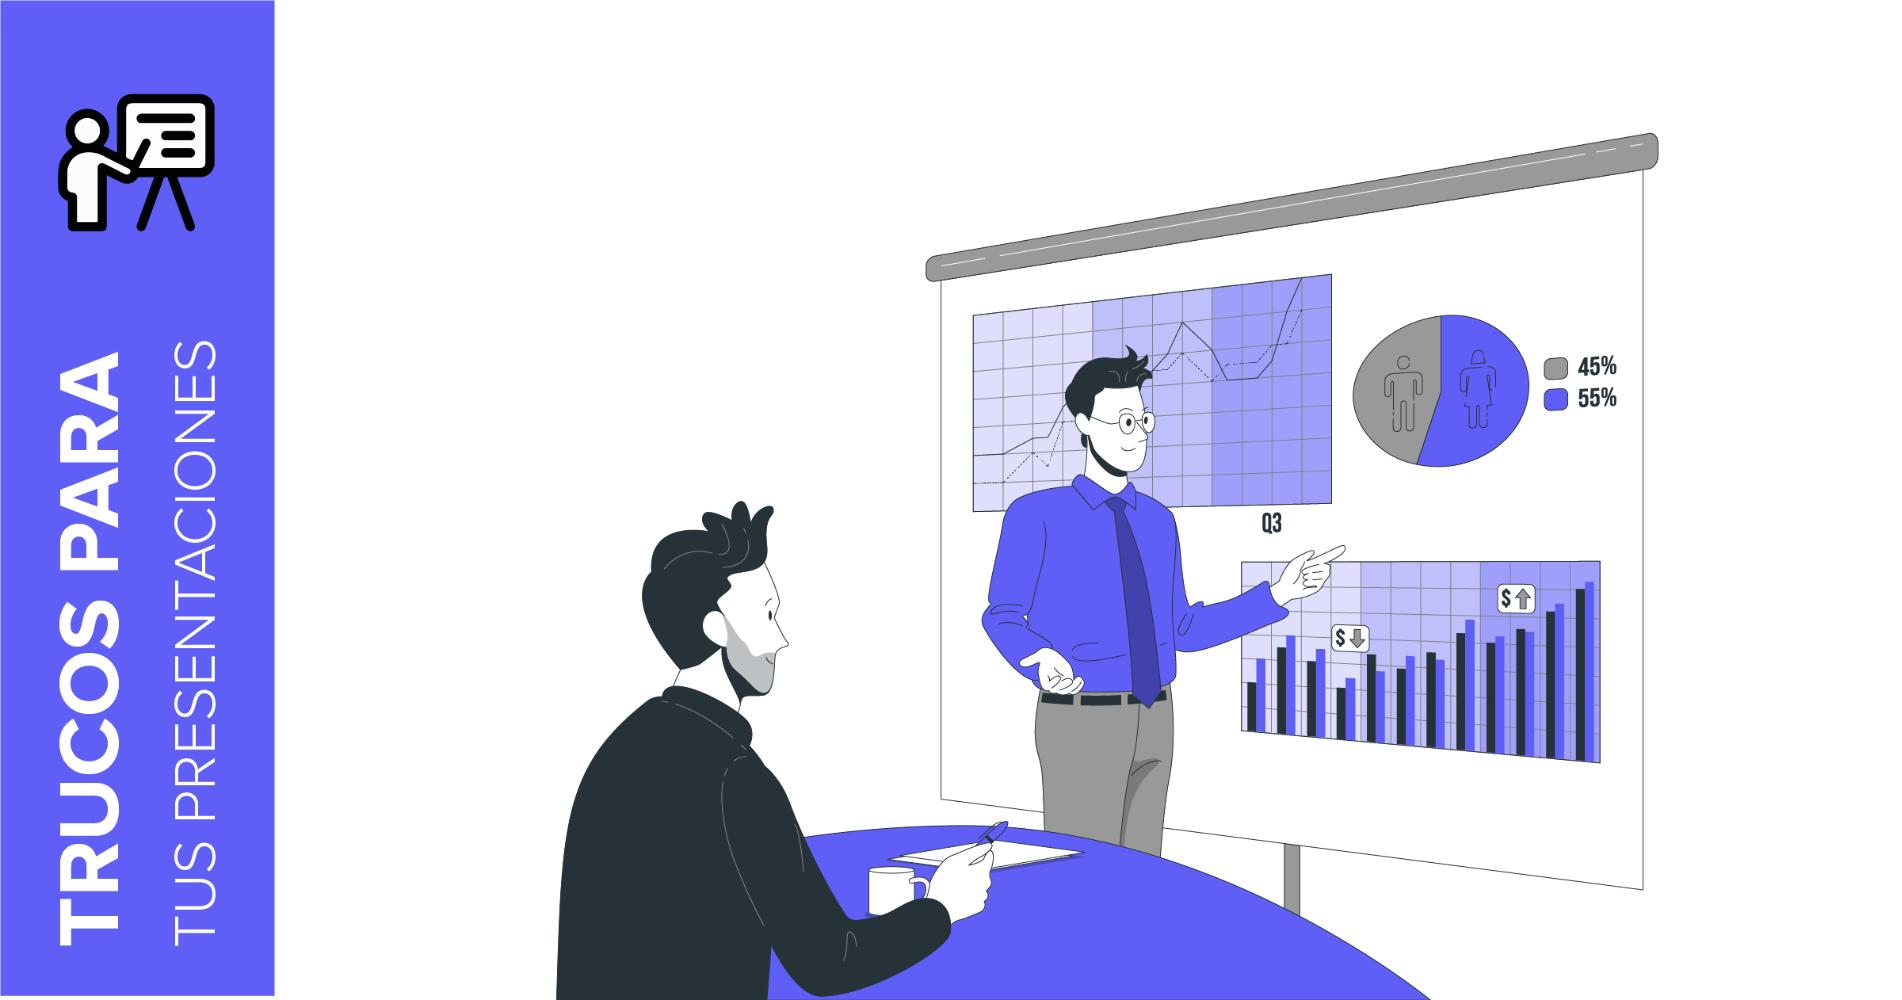 Cómo modificar una gráfica en nuestras presentaciones | Tutoriales y Tips para tus presentaciones